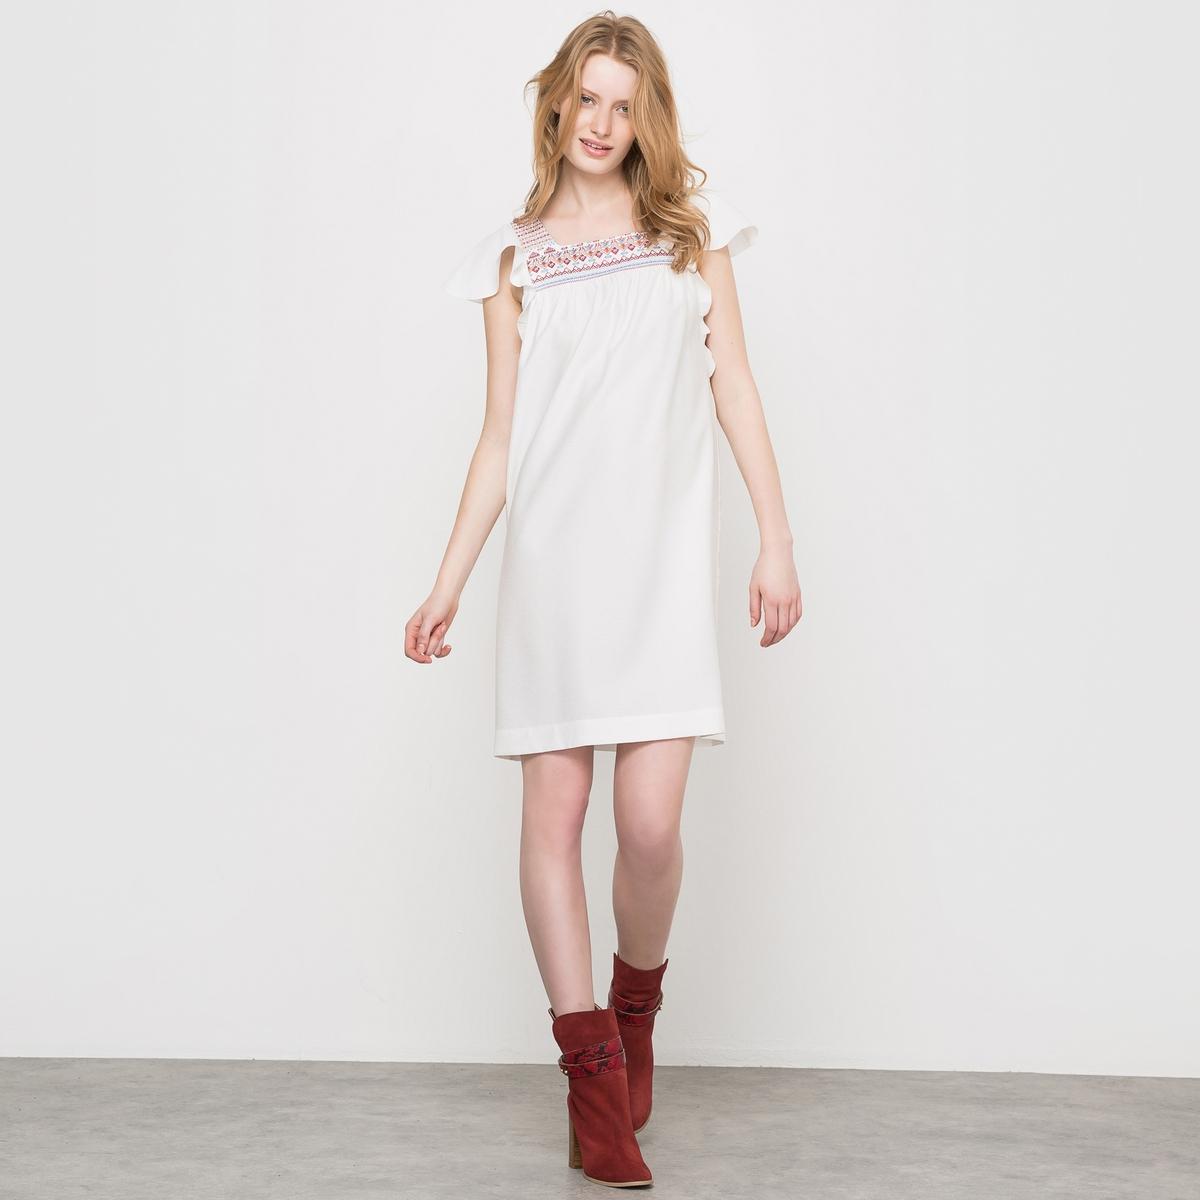 Платье в стиле бэби-долл с глубоким вырезомПлатье с глубоким вырезом. Платье в стиле бэби-долл, квадратный вырез с вышивкой. Прямой покрой, короткие рукава с воланами, складки под вышивкой спереди.    Состав и описаниеМатериал : 85% вискозы, 15% полиэстераРазмер : Длина 90 см Уход Машинная стирка при 30 °С<br><br>Цвет: слоновая кость<br>Размер: 34 (FR) - 40 (RUS).38 (FR) - 44 (RUS)